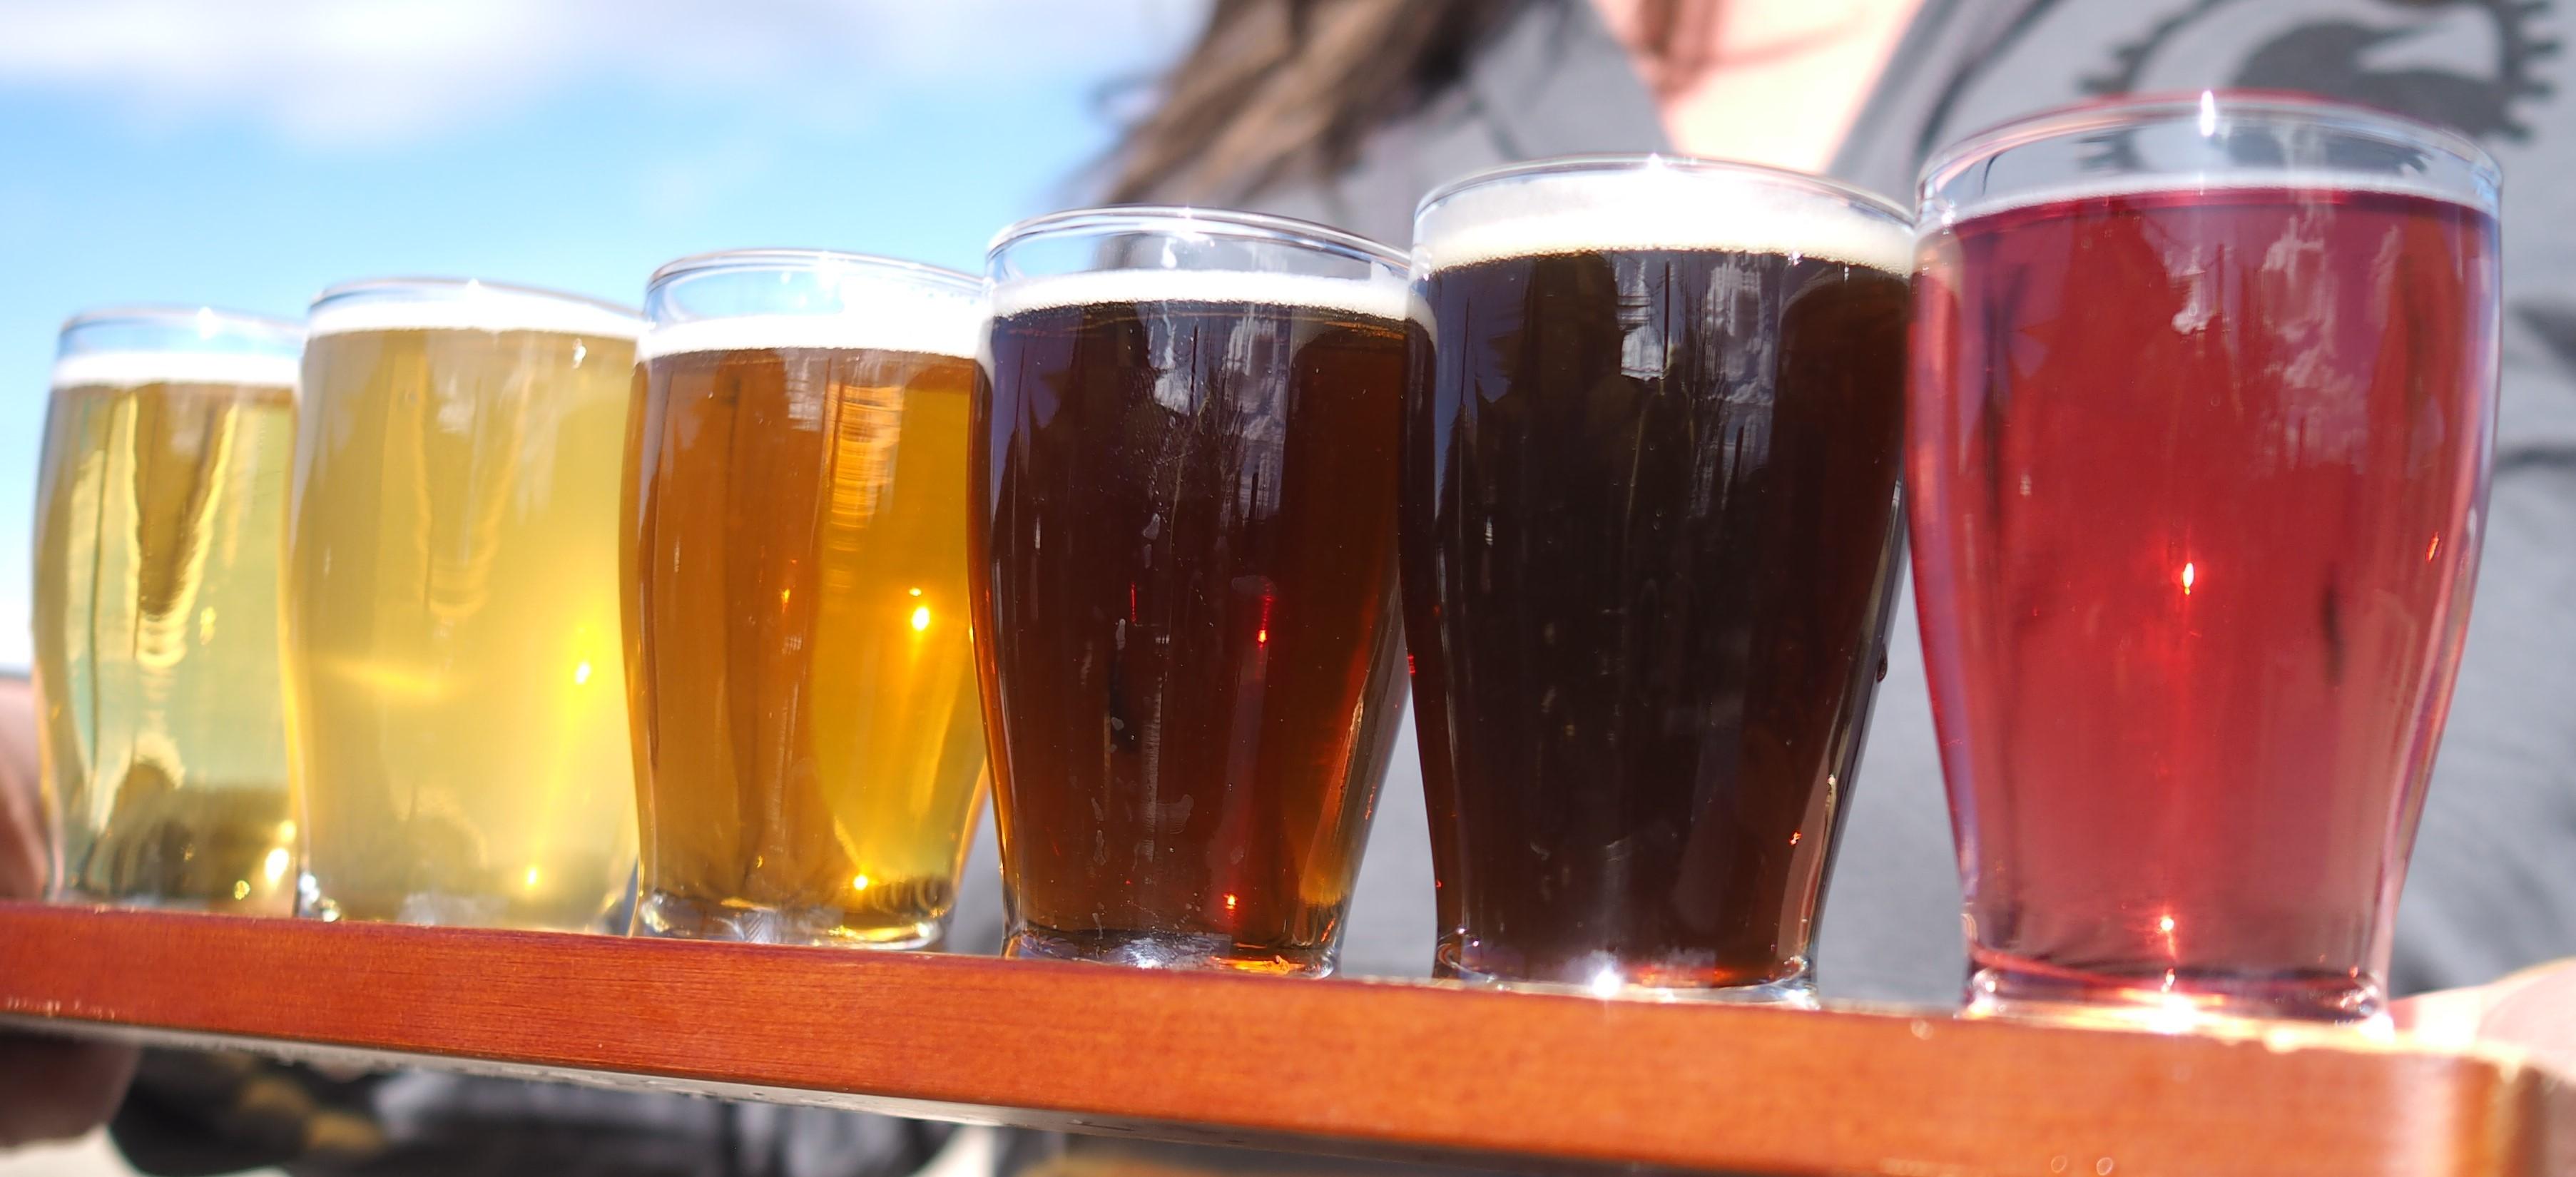 Beer or Cider...